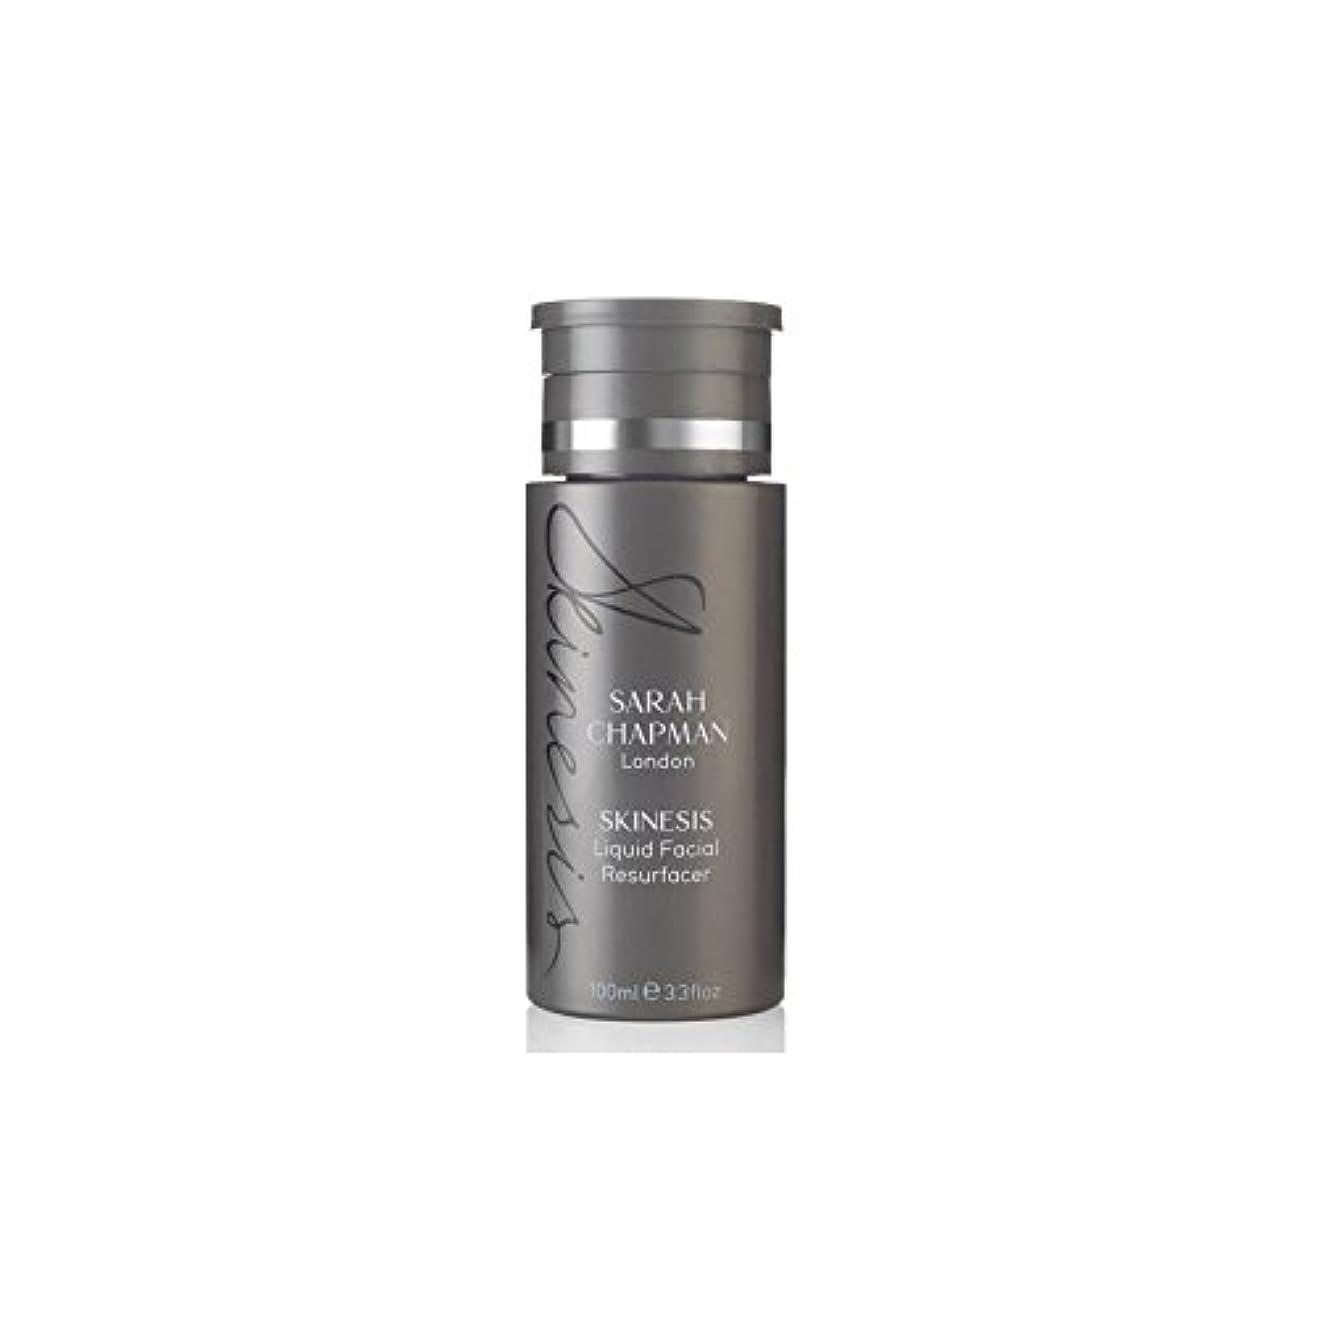 視力苦行規定Sarah Chapman Skinesis Liquid Facial Resurfacer (100ml) (Pack of 6) - サラチャップマン液体顔(100)に x6 [並行輸入品]